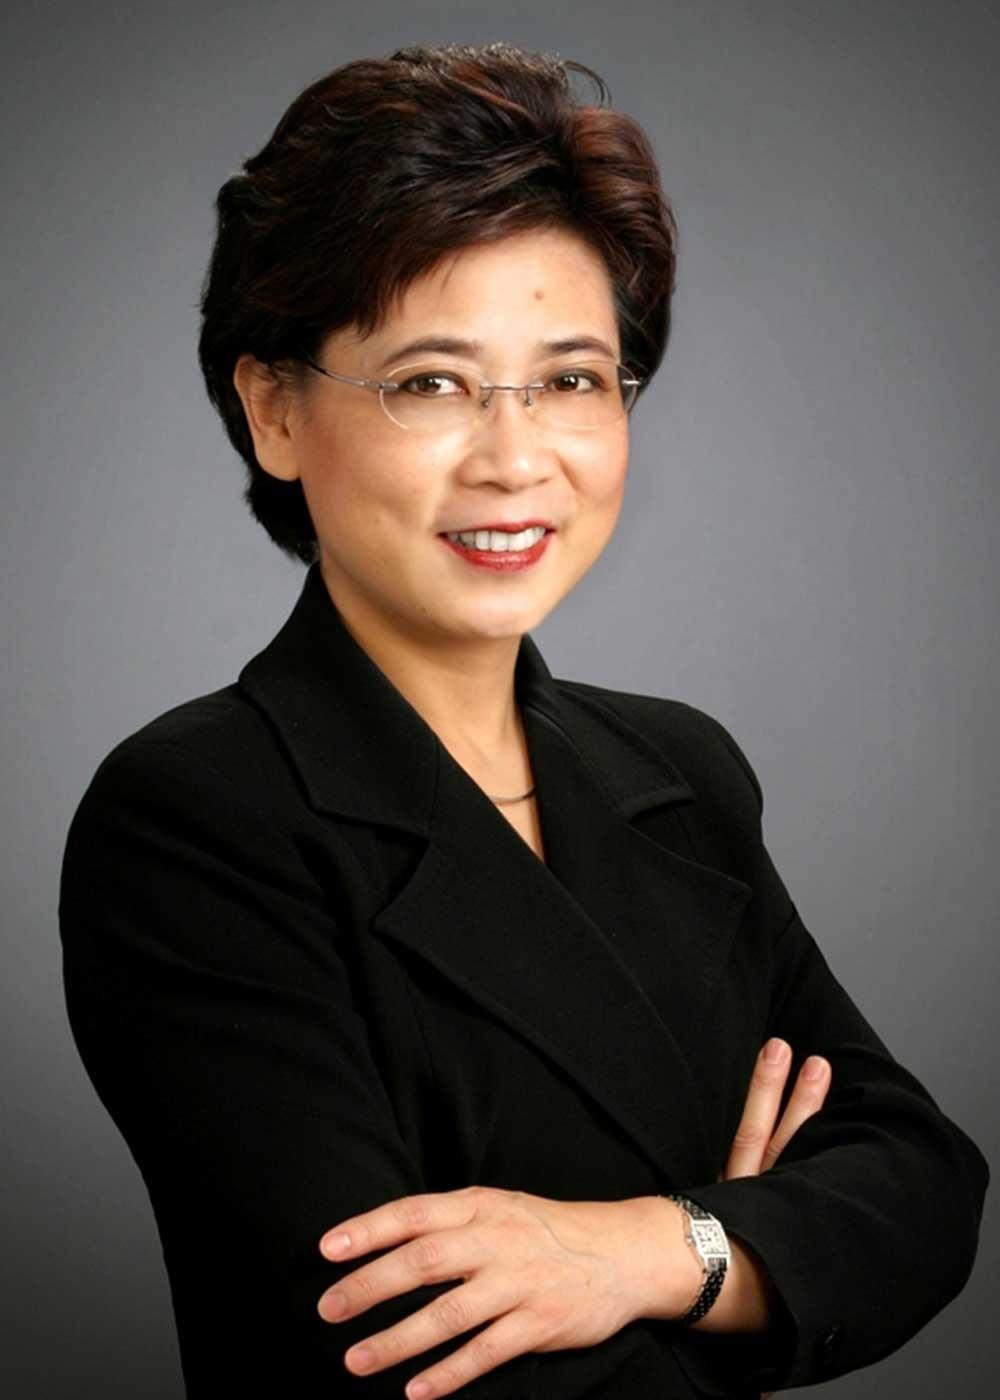 Minhua Jin